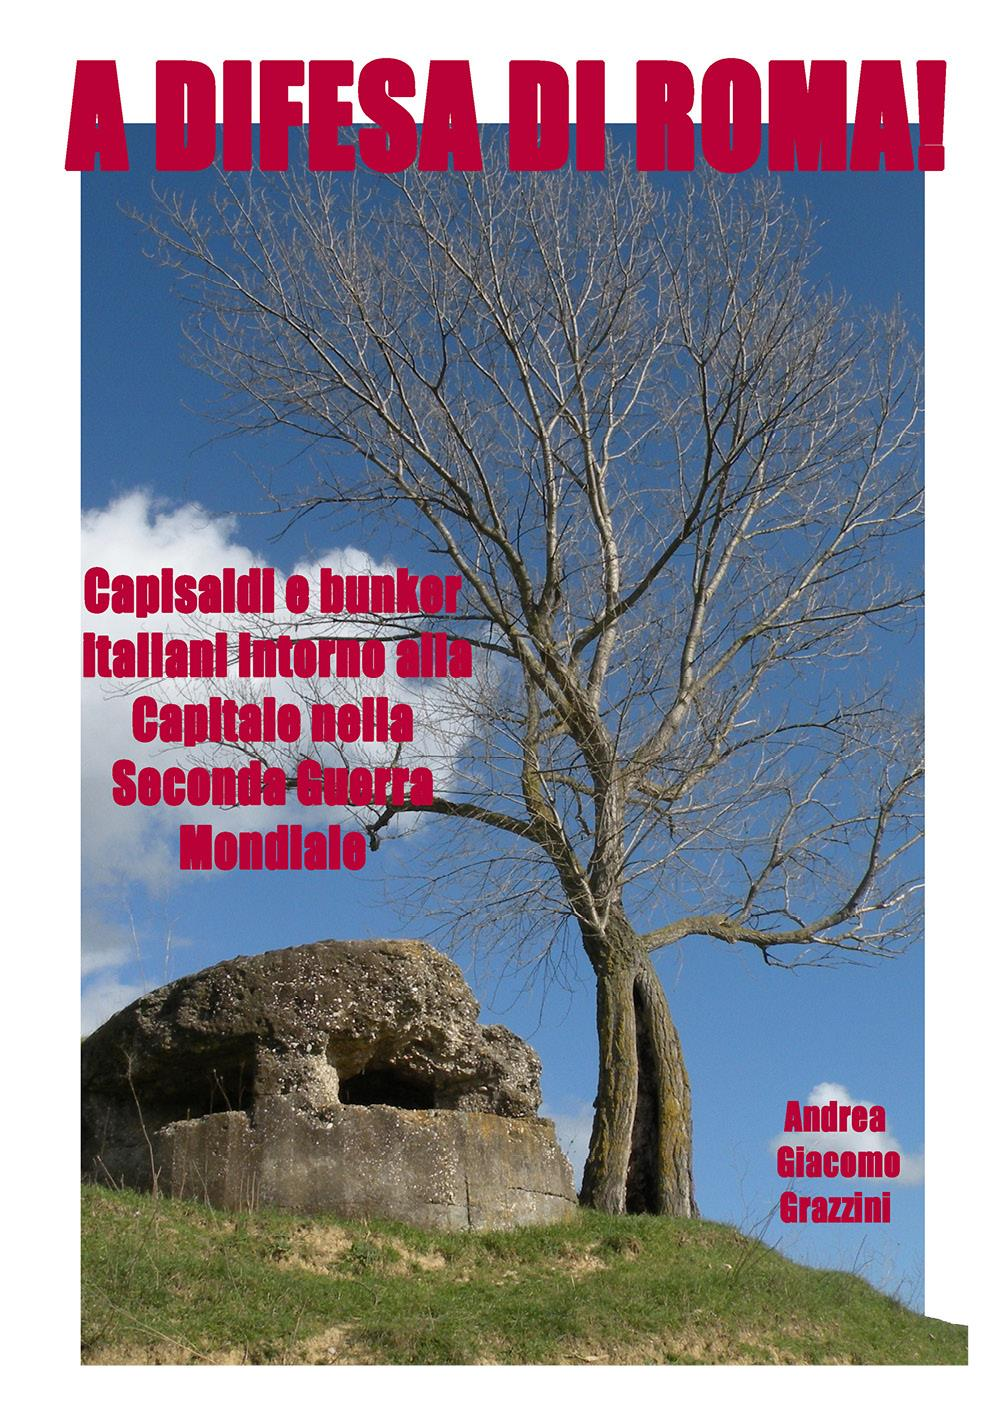 A difesa di Roma! Capisaldi e bunker italiani intorno alla Capitale durante la Seconda Guerra Mondiale